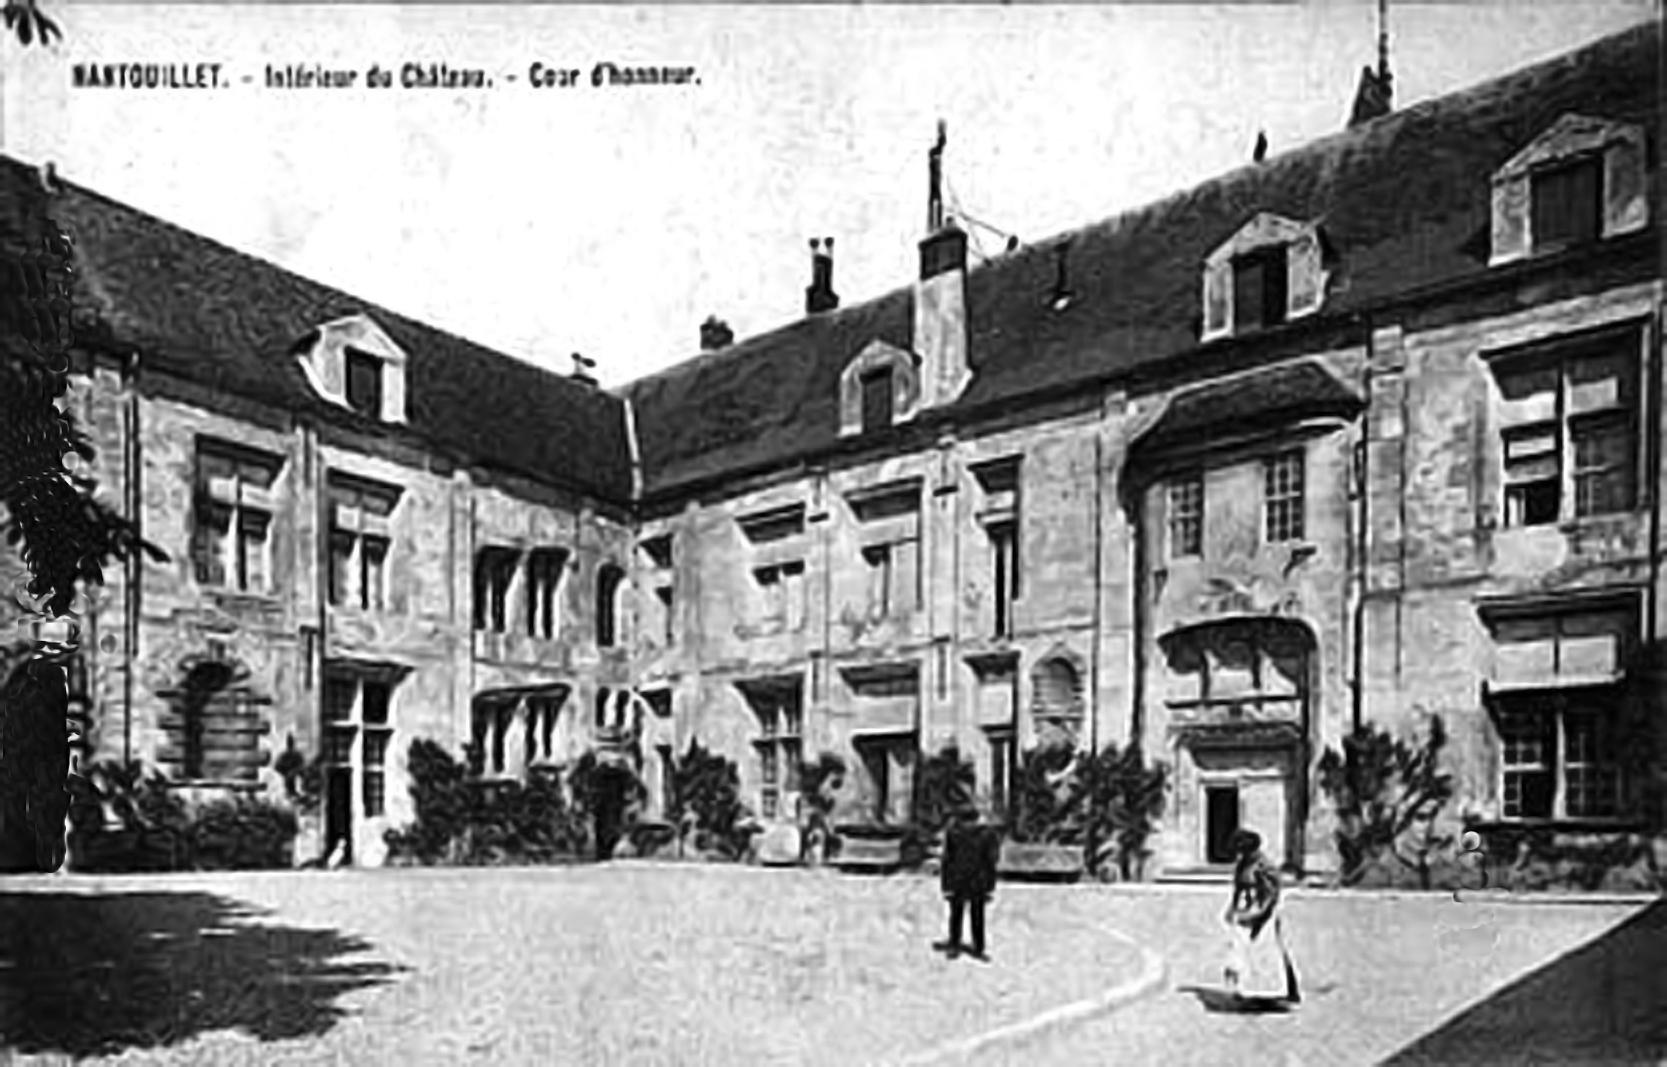 Interieur+du+Chateau++Cour+d+honneur+NANTOUILLET